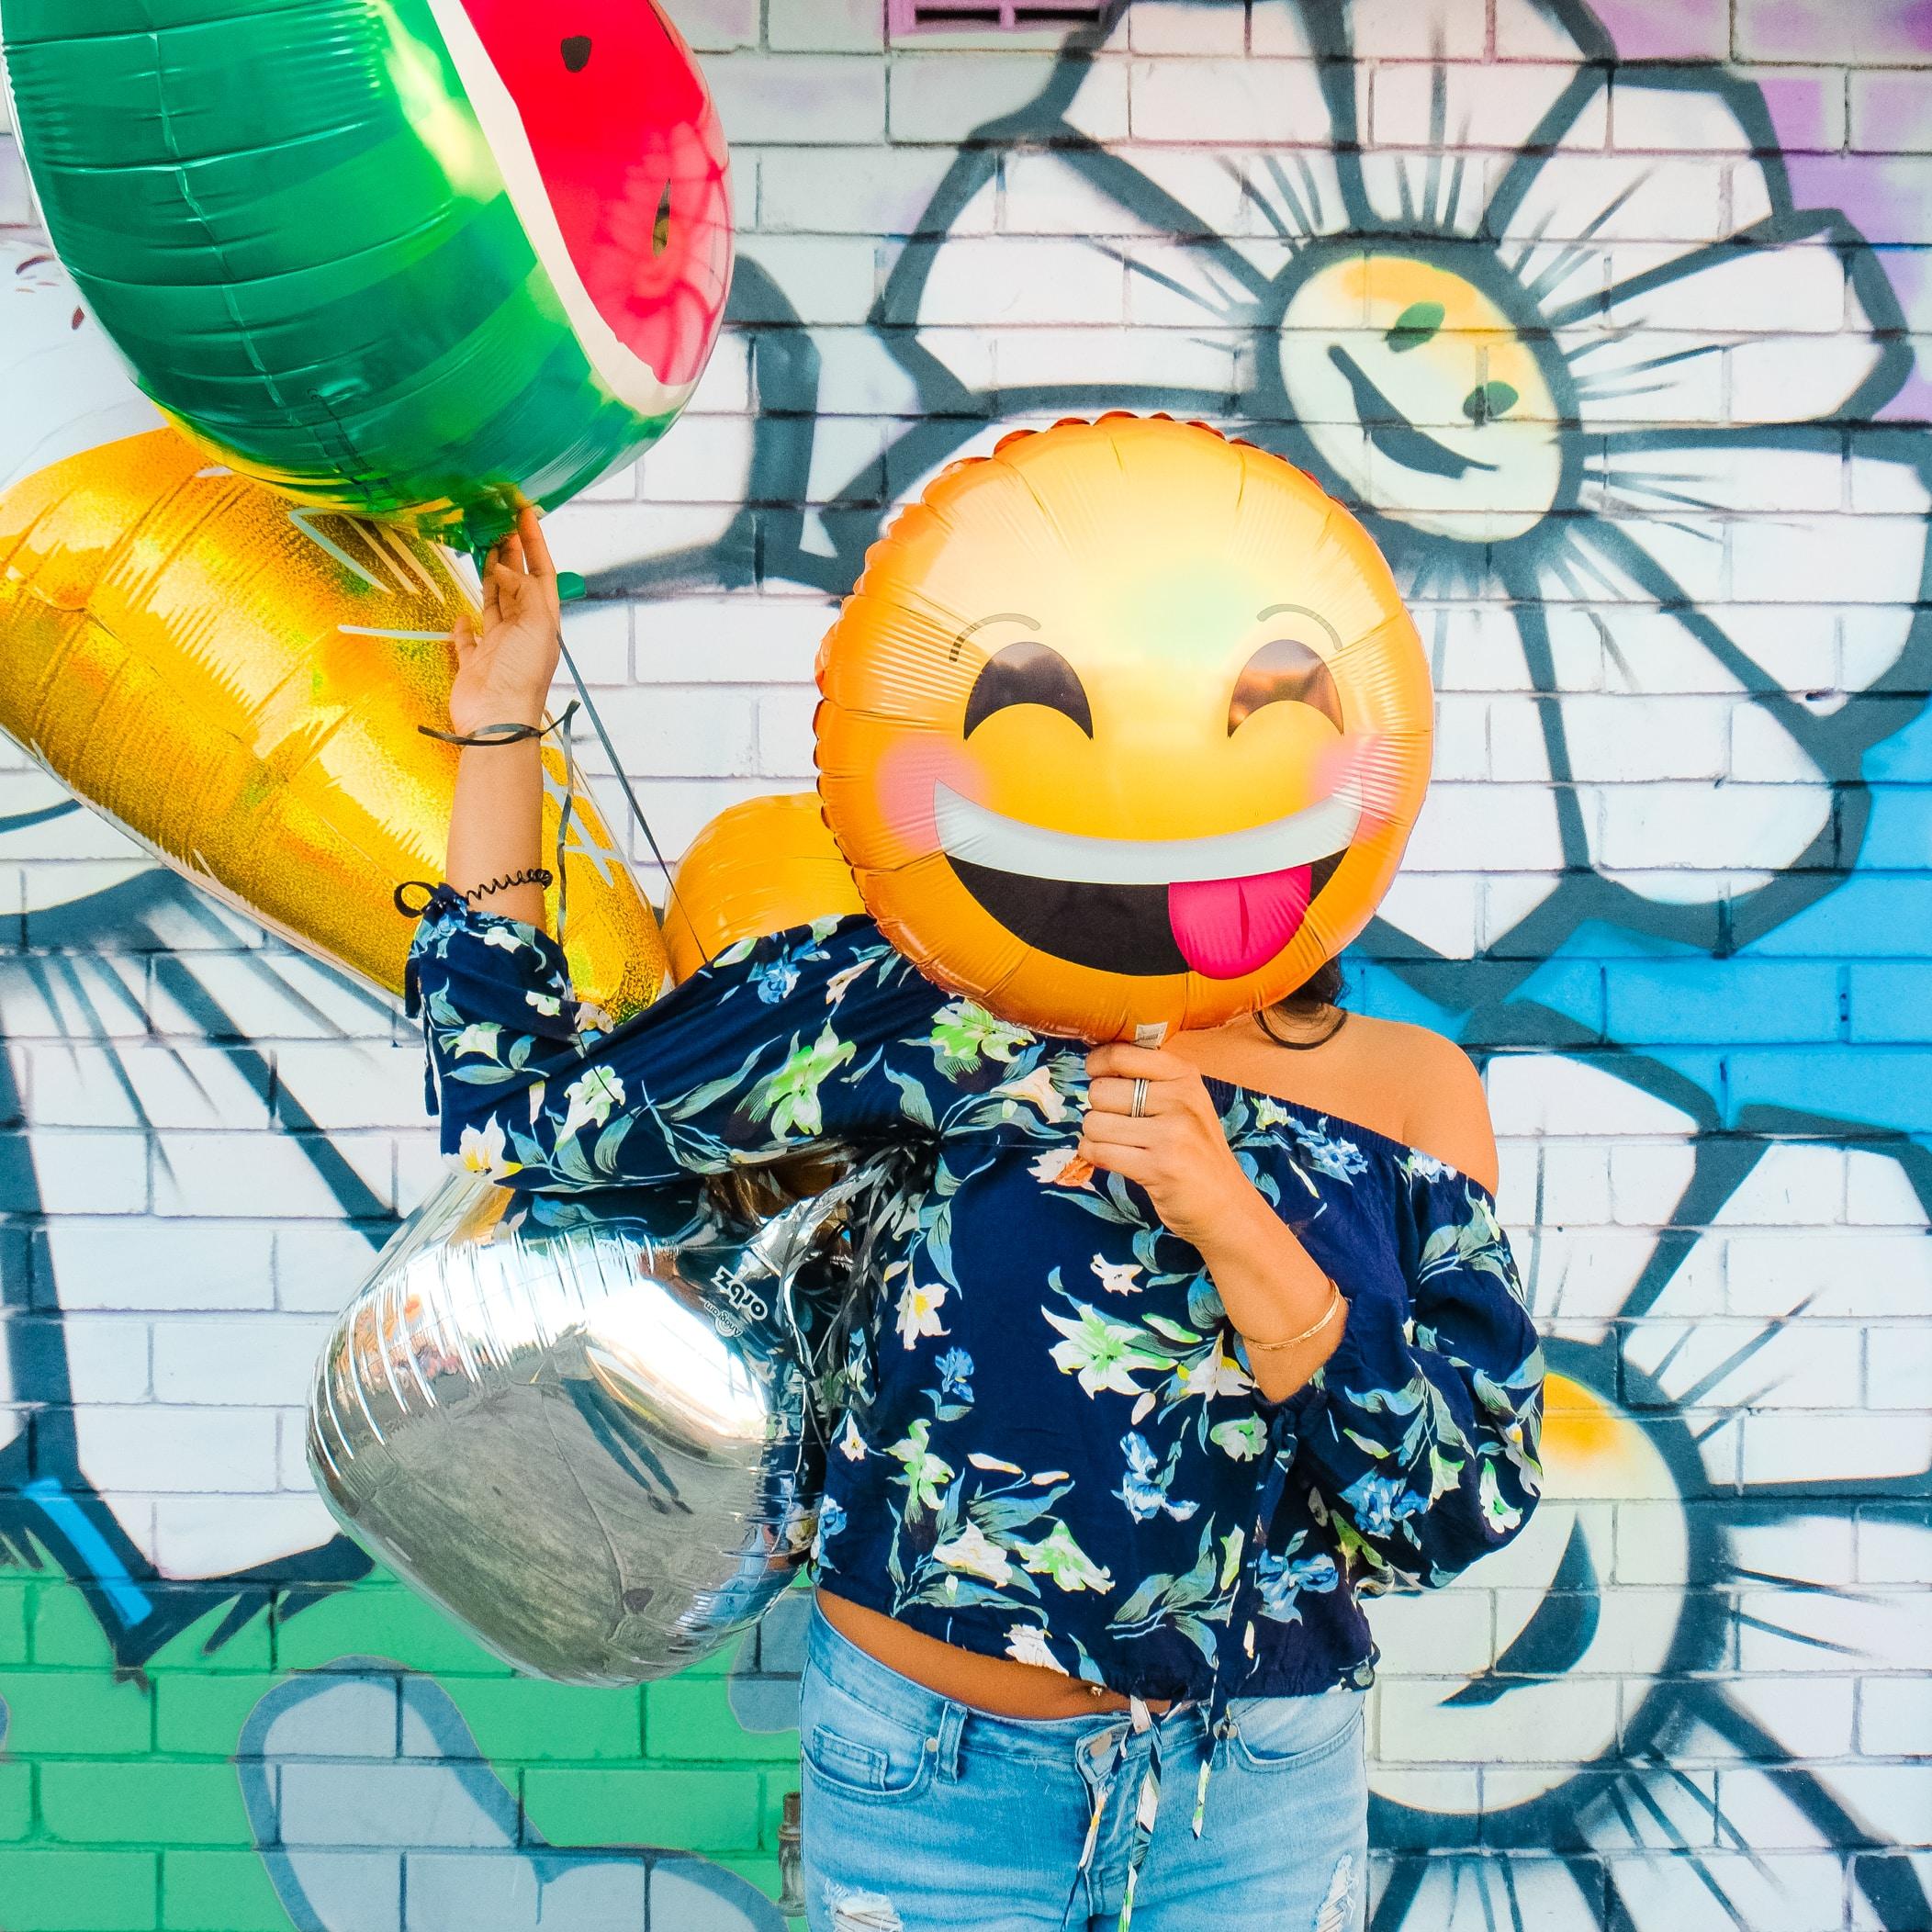 Emoji Wallpapers Free Hd Download 500 Hq Unsplash